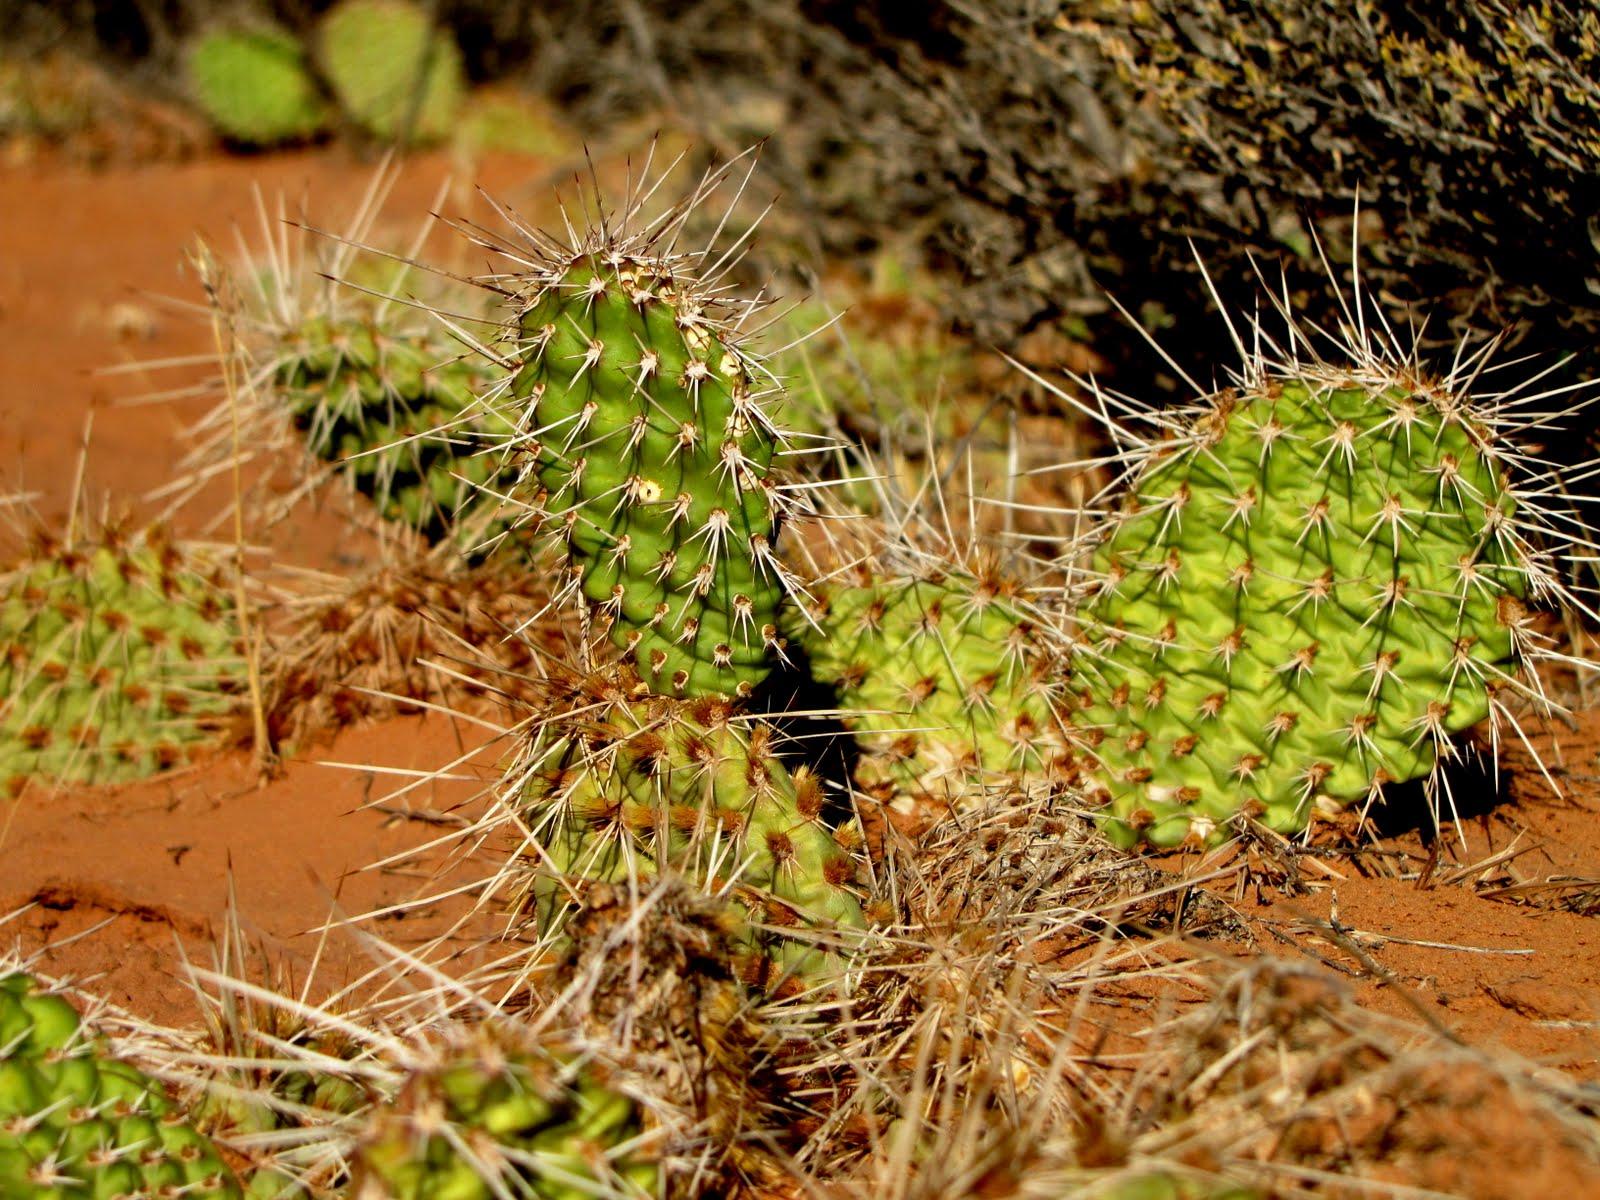 Hard Life in the Desert